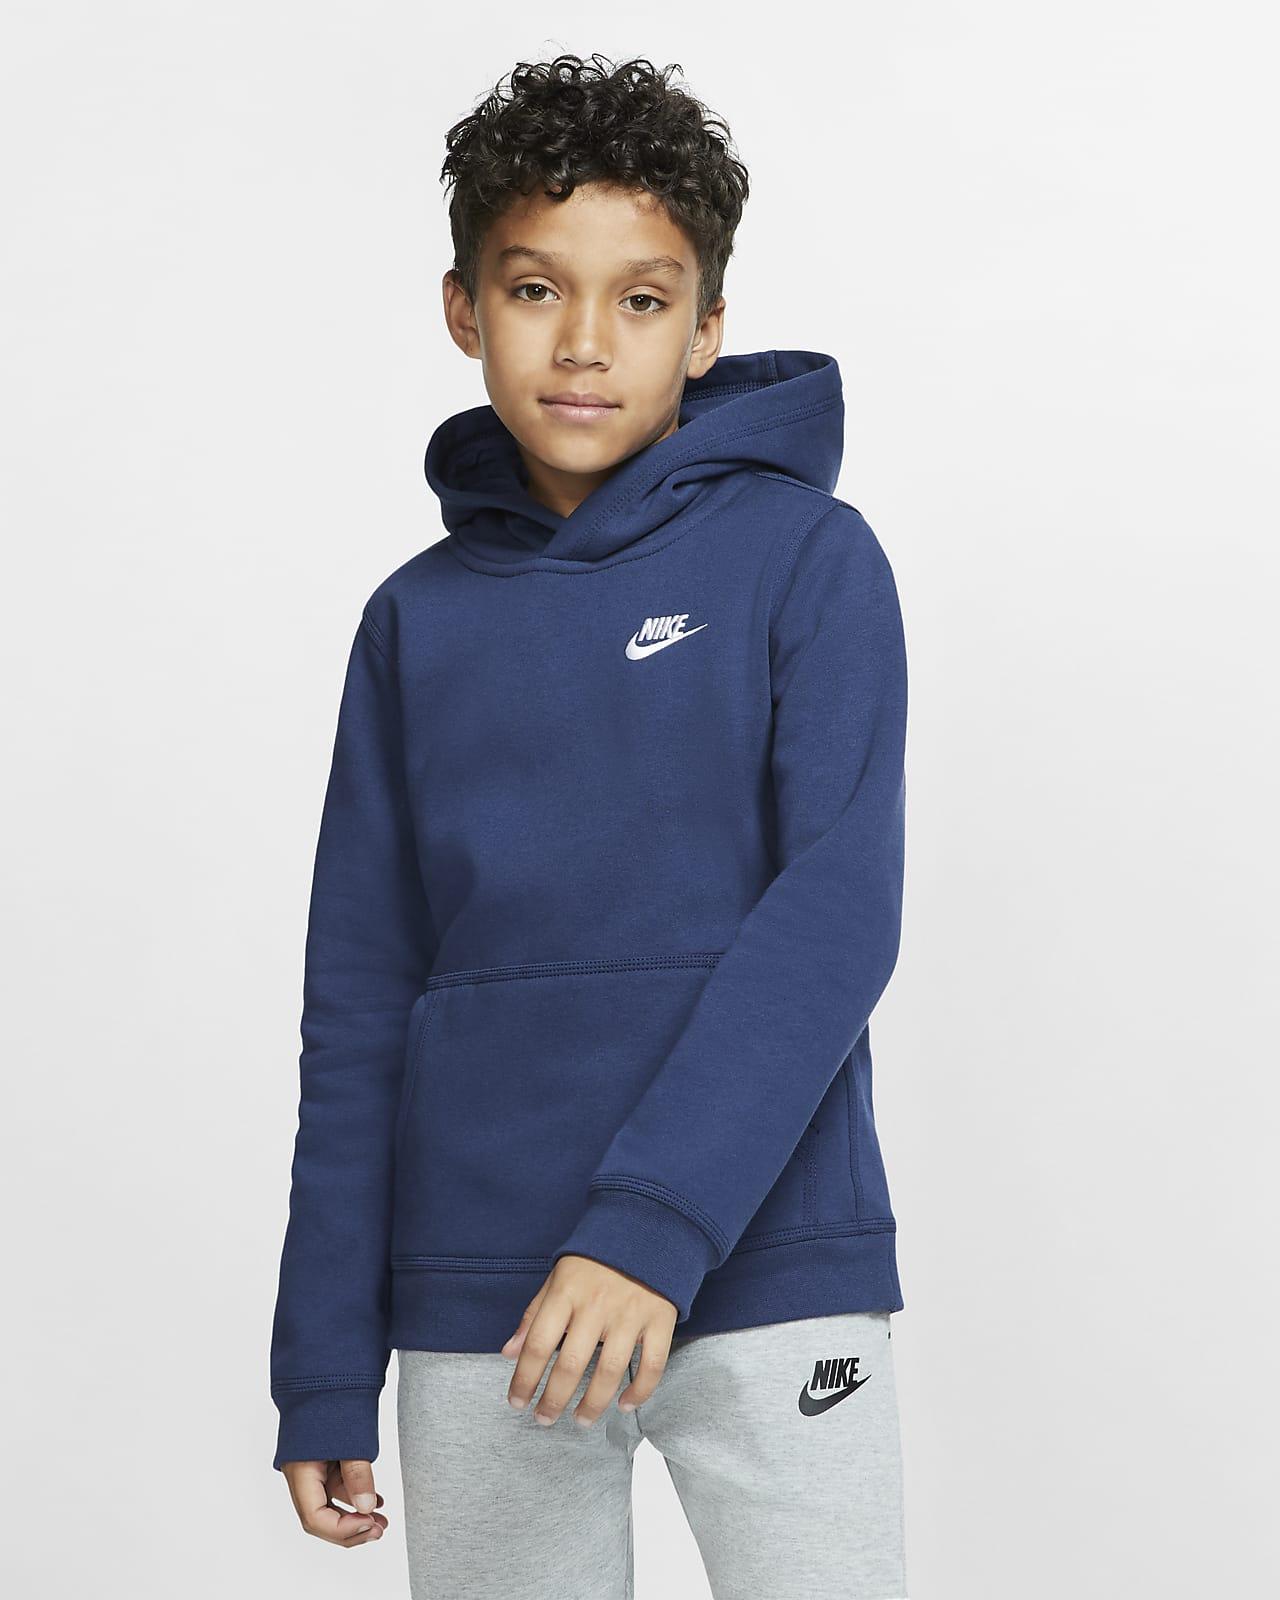 Nike Pullover Kinder